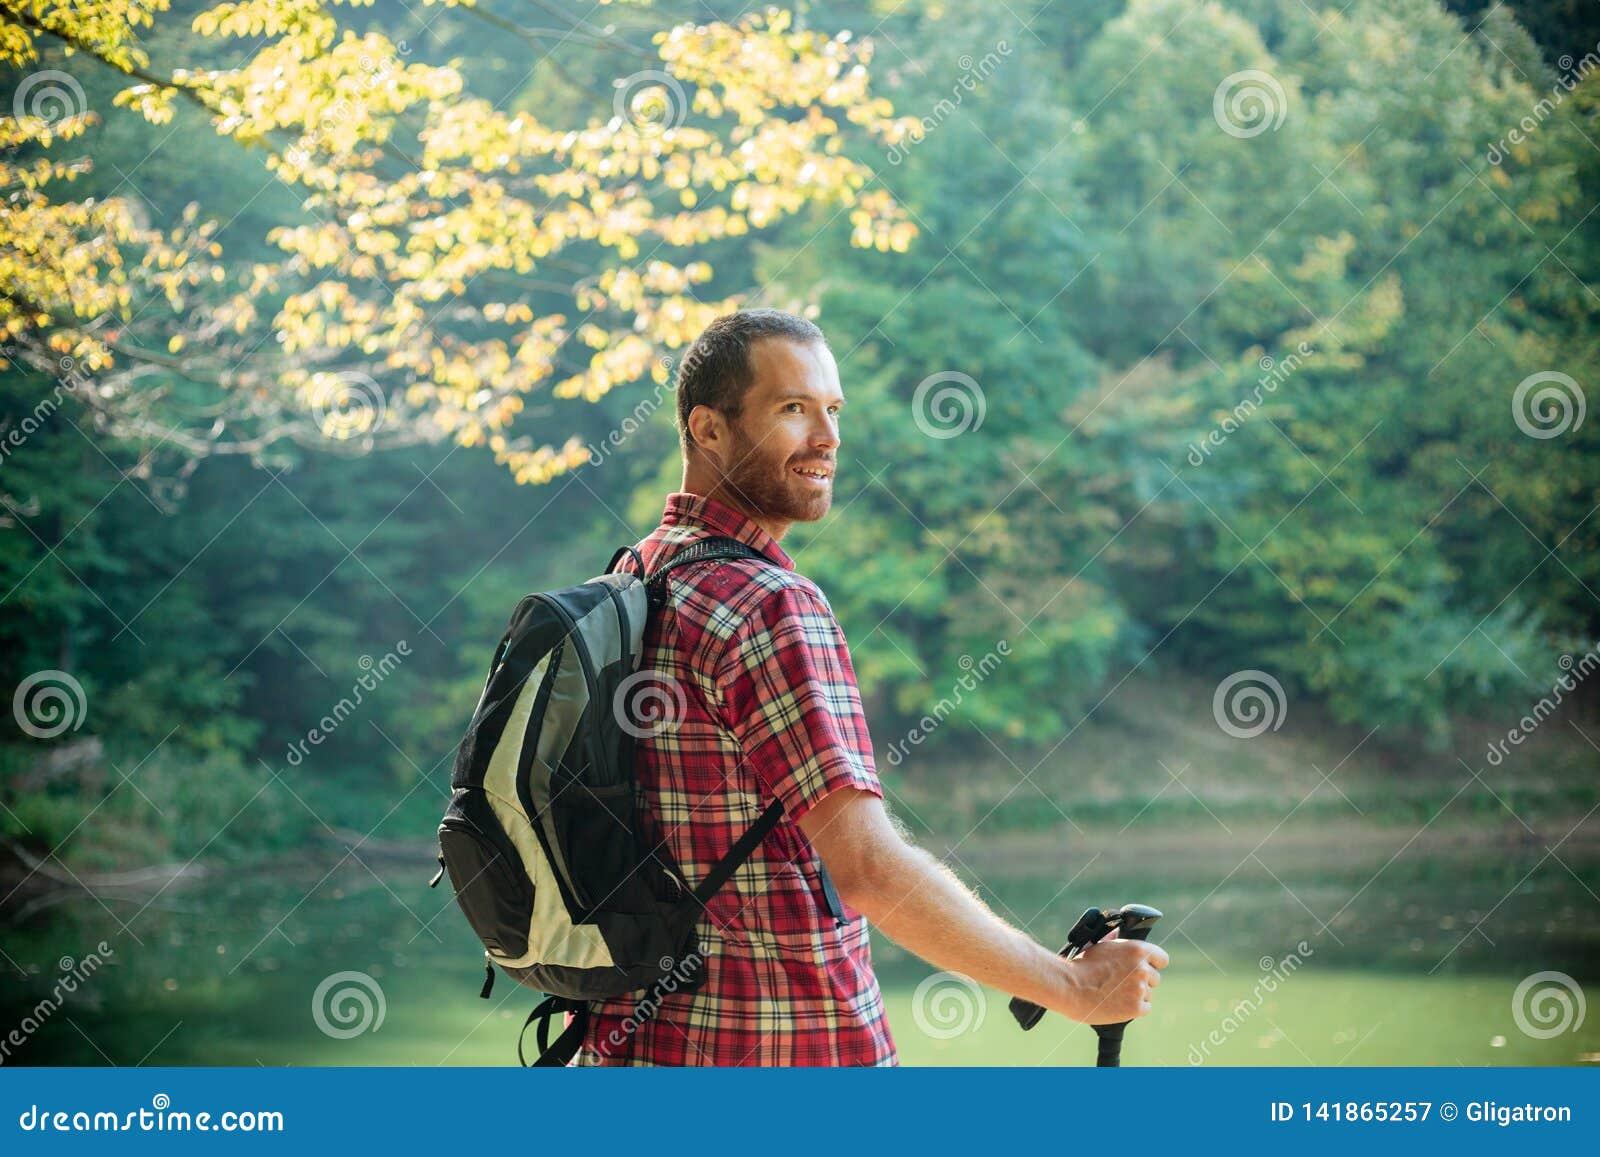 Posição feliz do homem novo pelo lago da montanha cercado pela floresta verde luxúria que olha sobre seu ombro